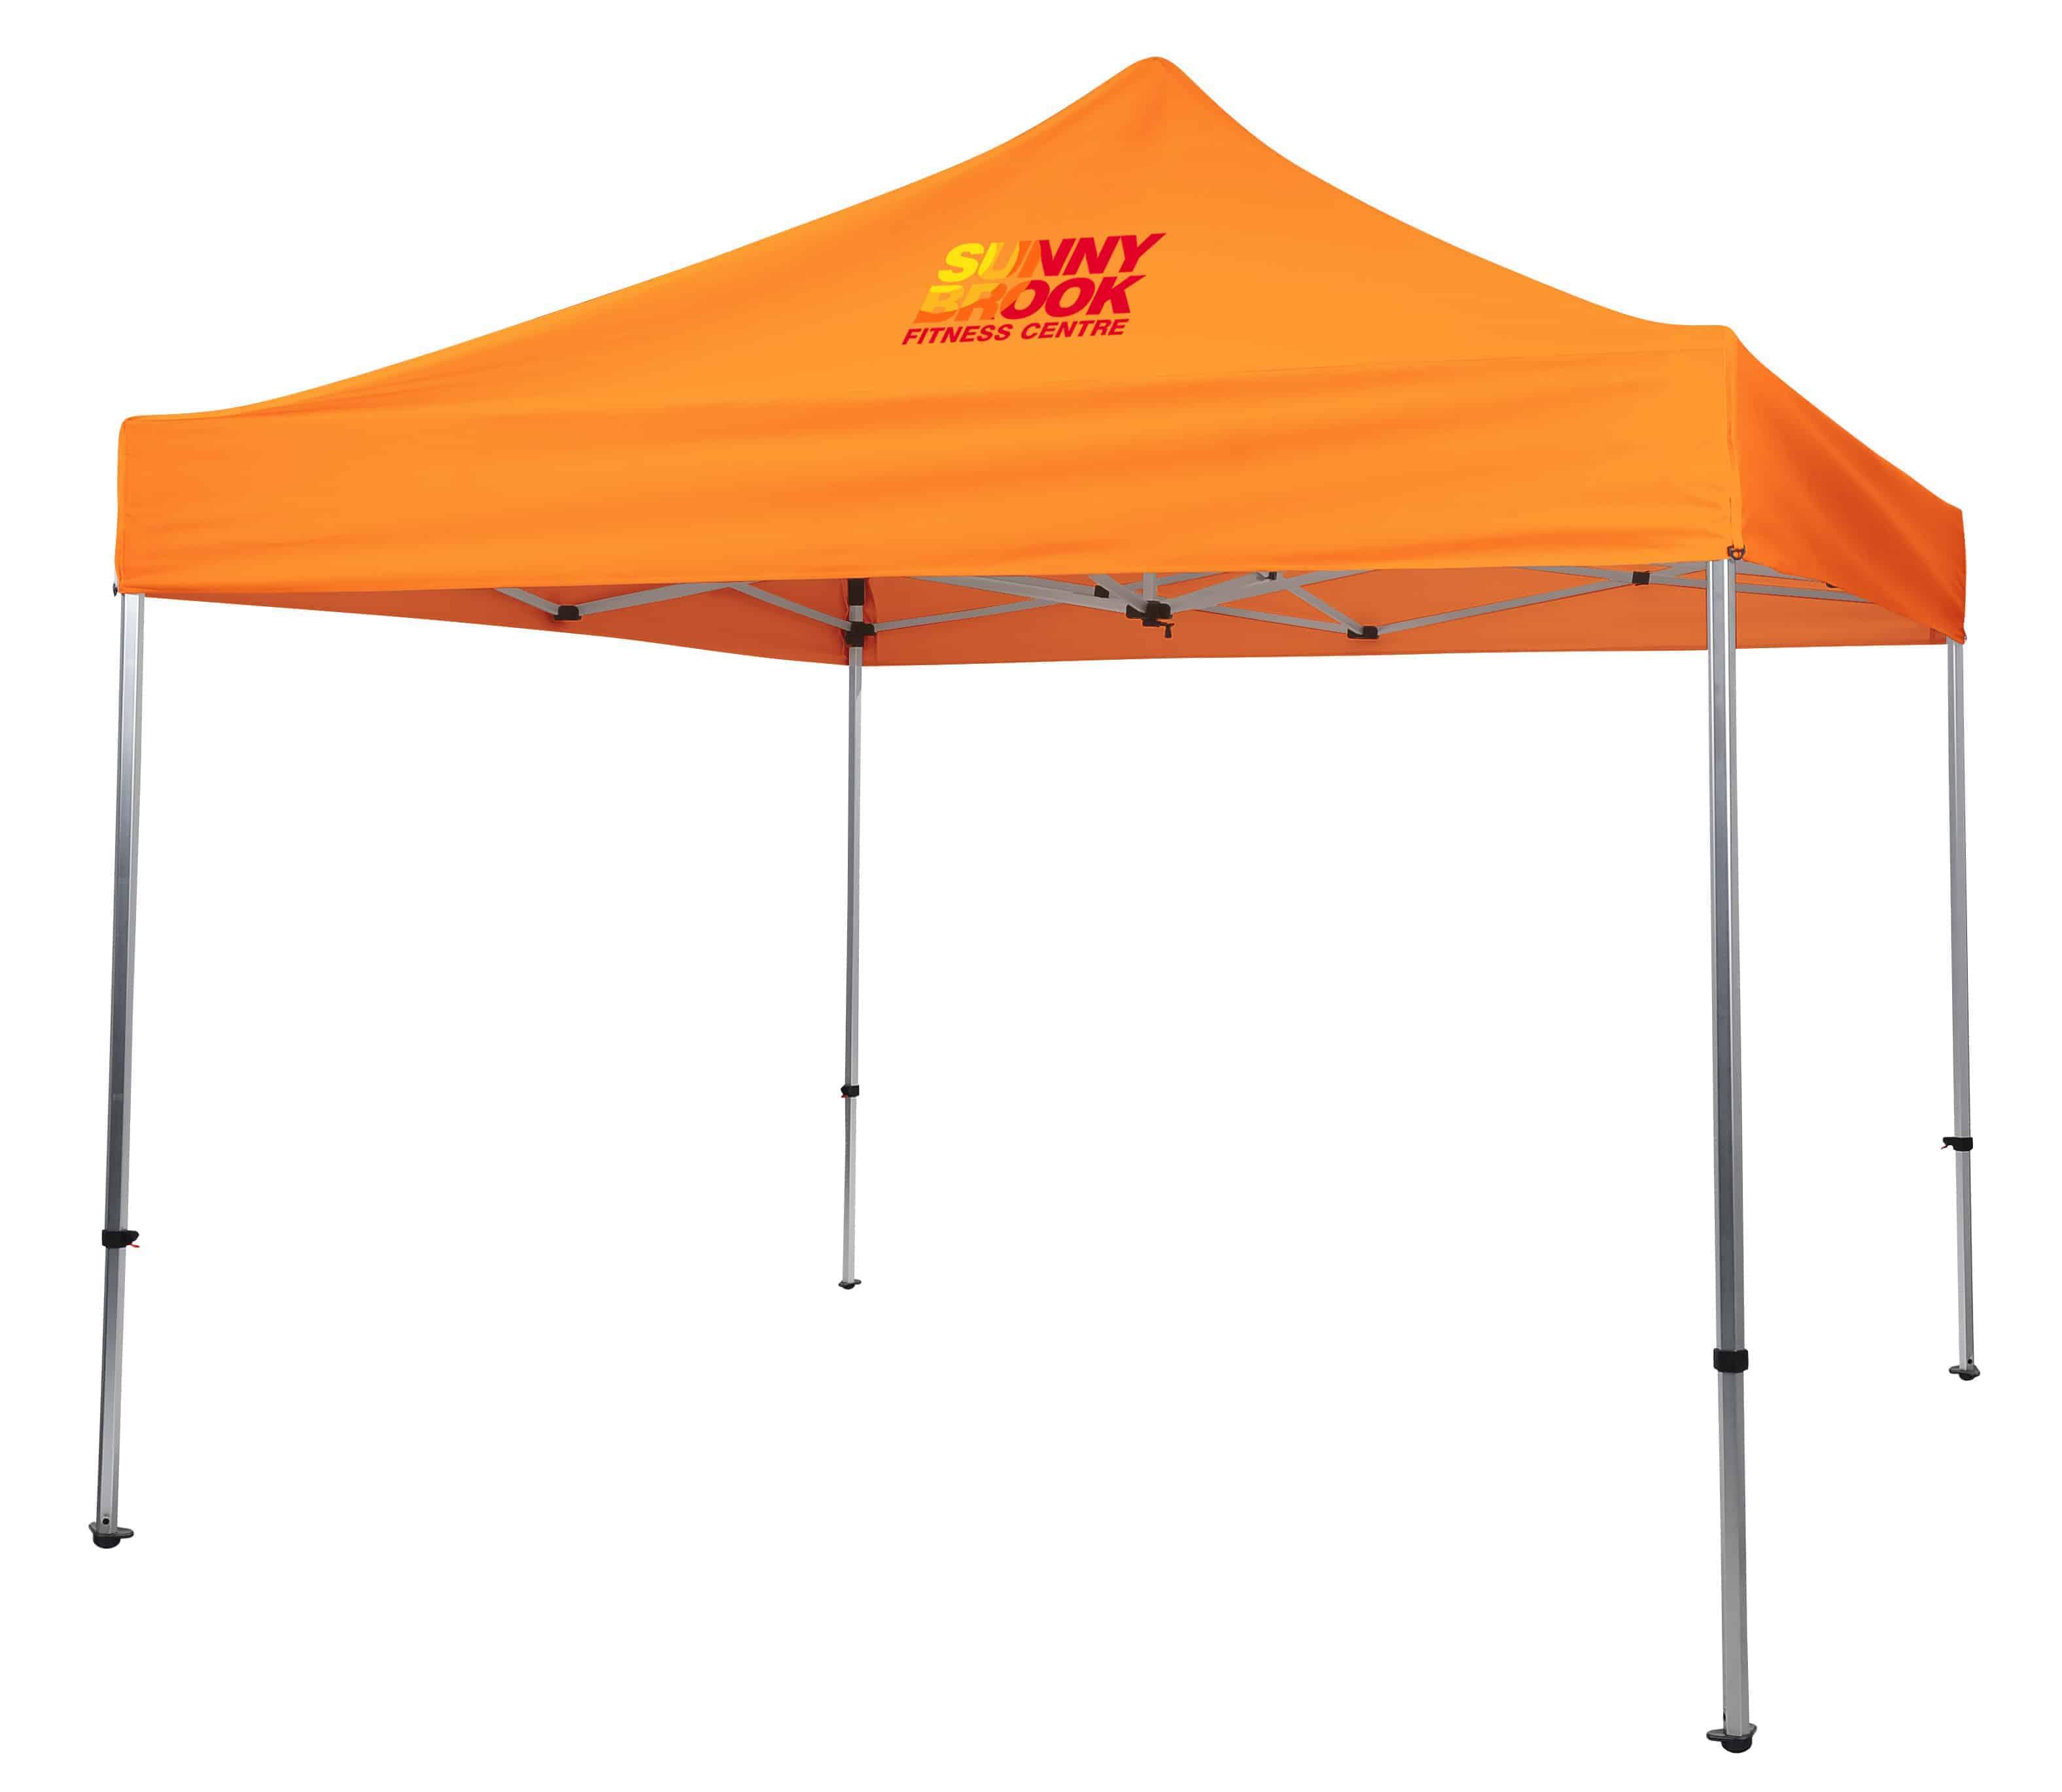 An orange Premium 10' Event Tent.